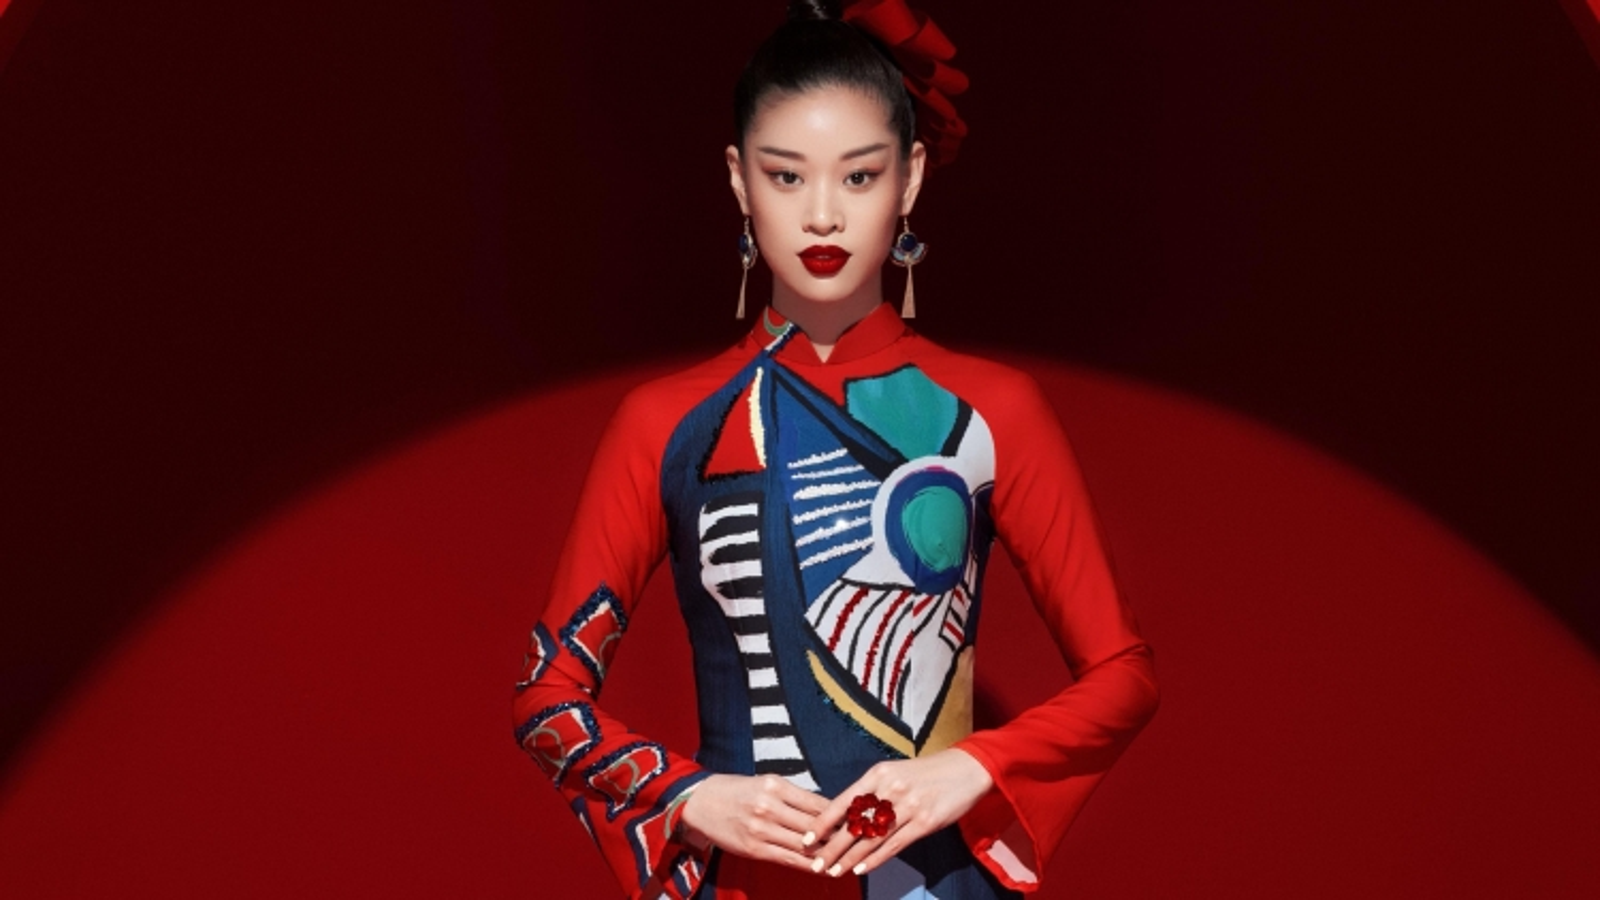 Hoa hậu Khánh Vân chọn áo dài là trang phục dân tộc tại Miss Universe 2020